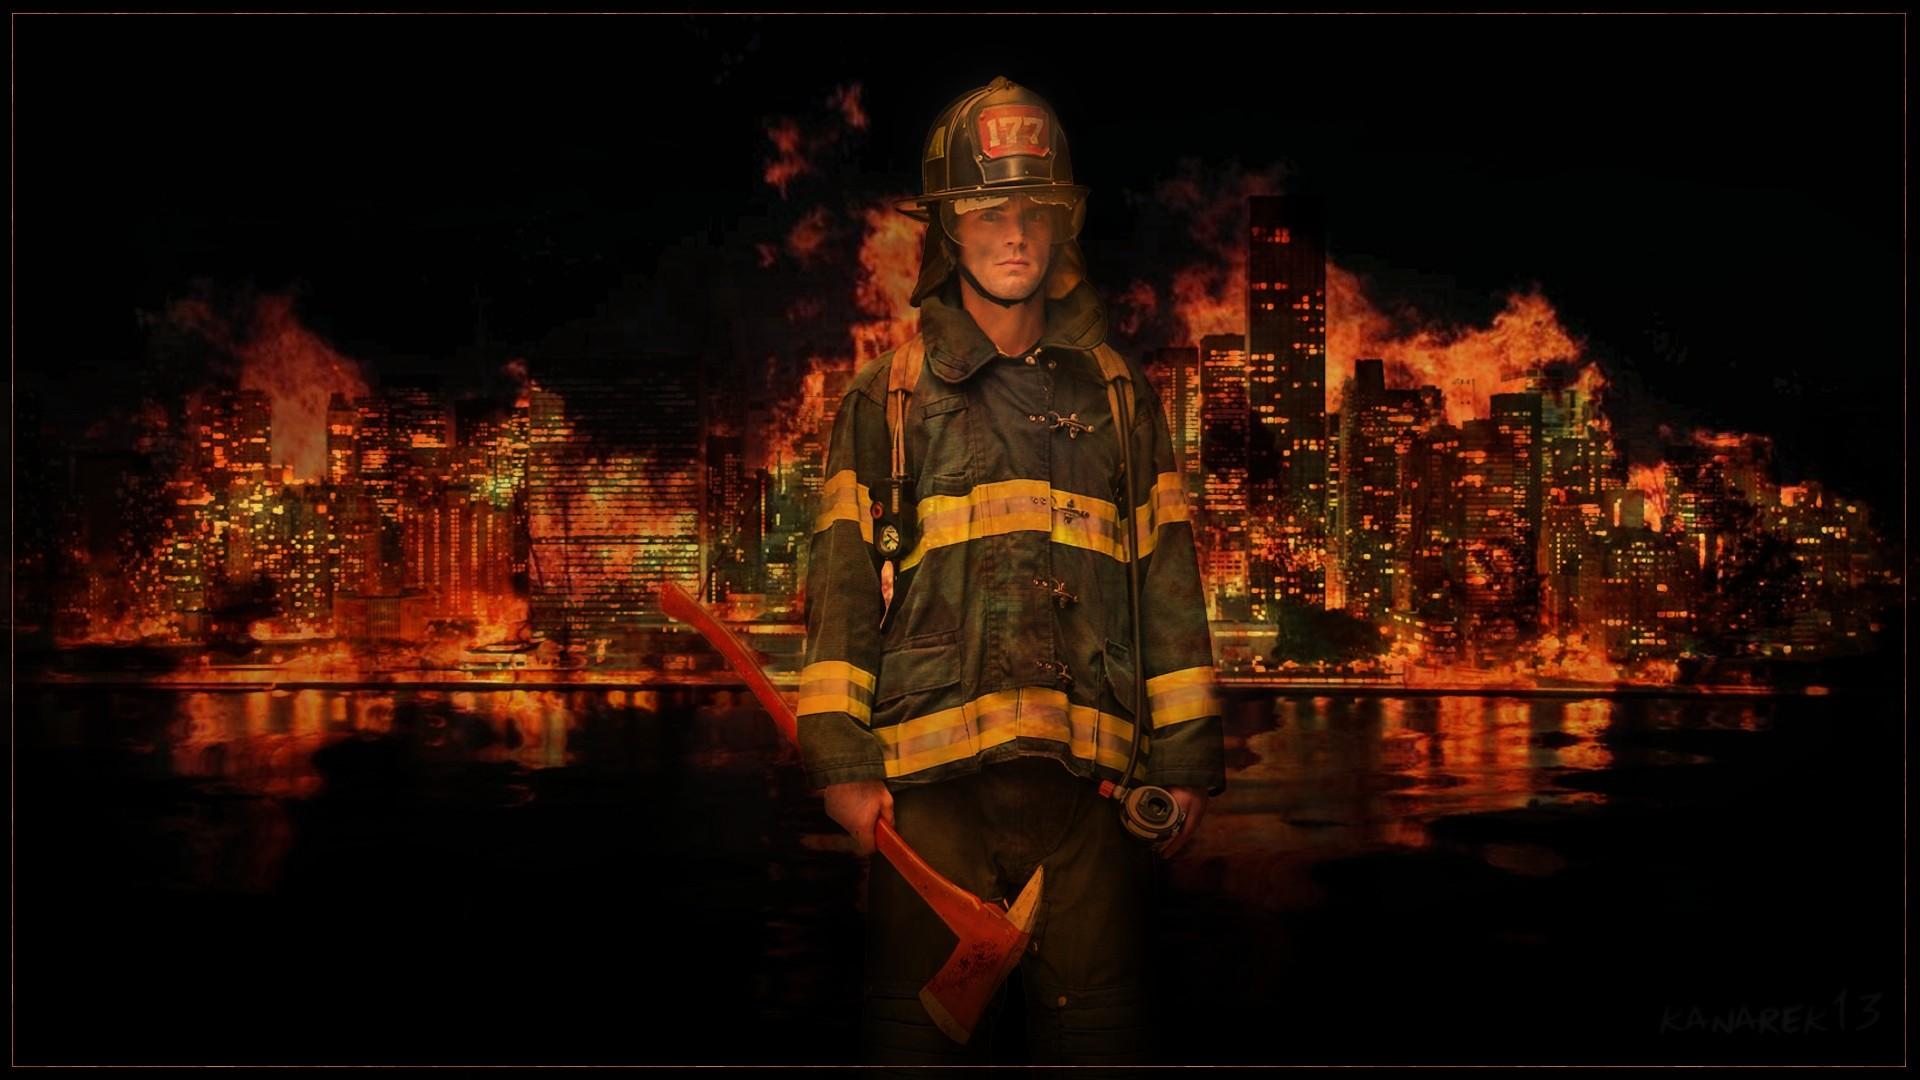 Firefighter Wallpaper for pc